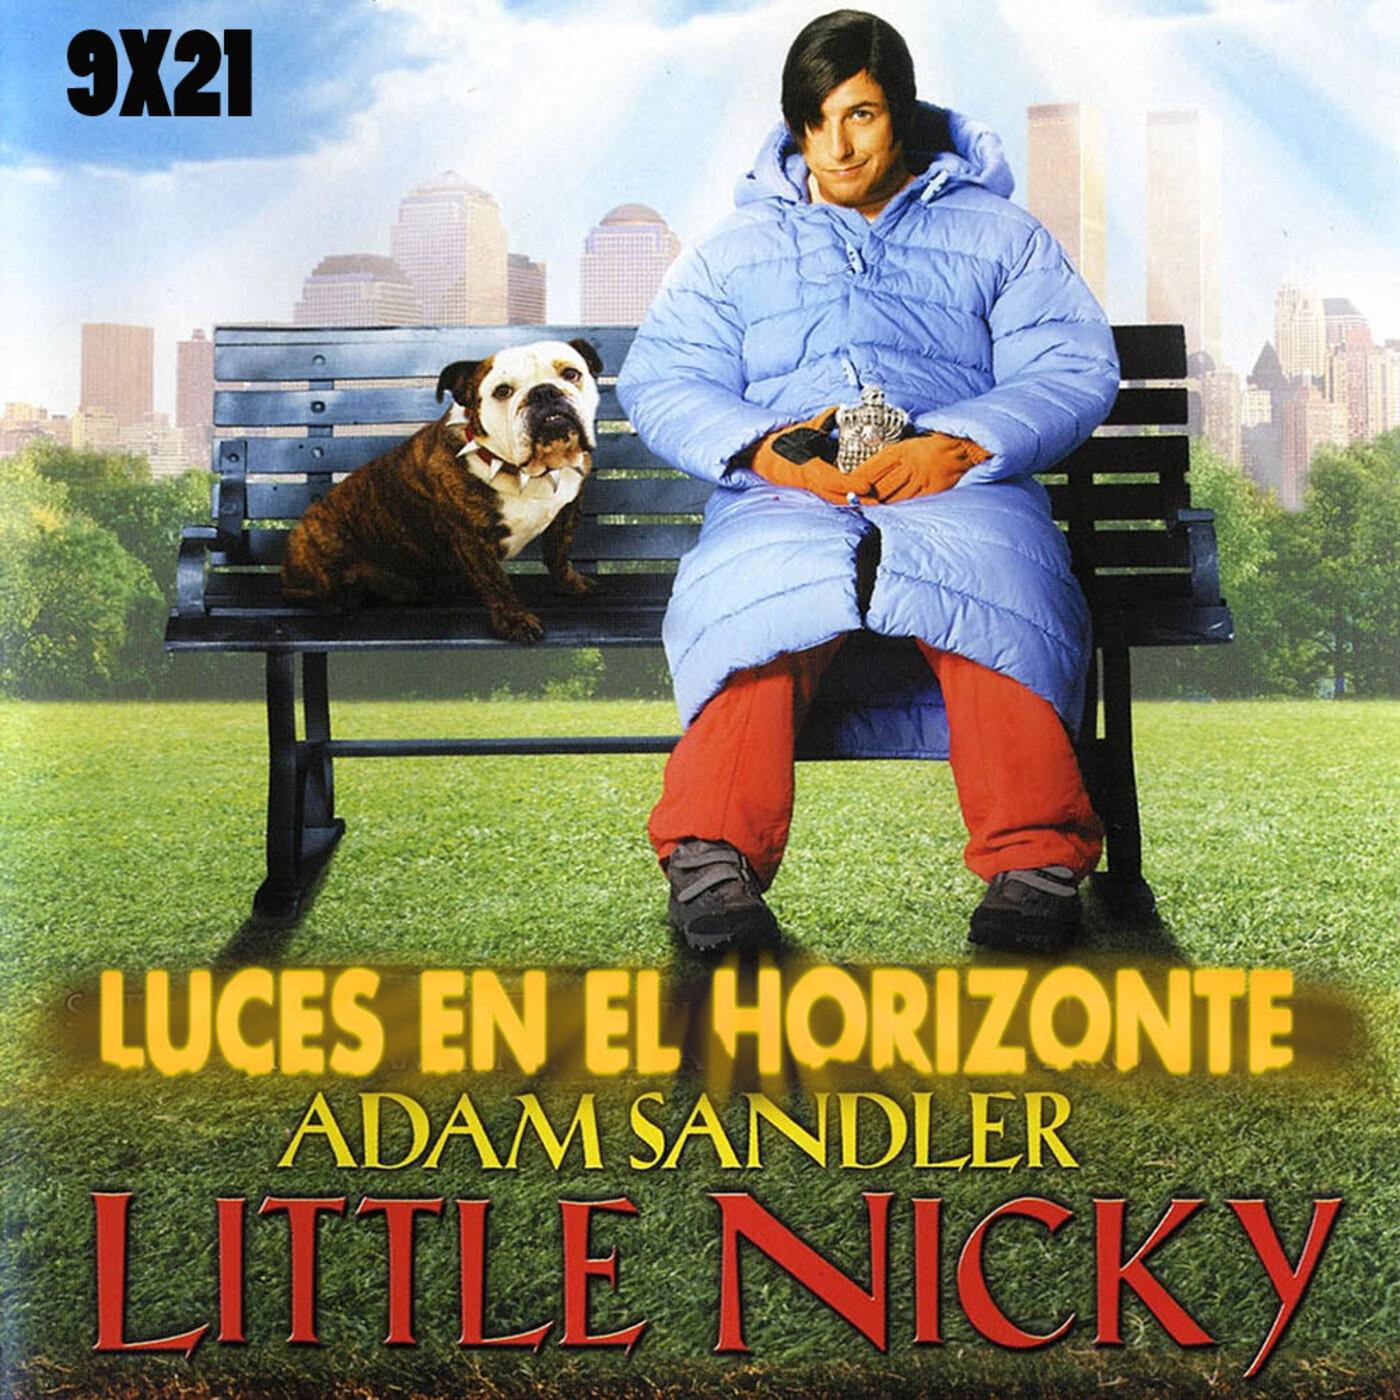 Little Nicky Luces En El Horizonte 9x21 En Luces En El Horizonte En Mp3 24 01 A Las 16 36 38 03 27 42 64379909 Ivoox